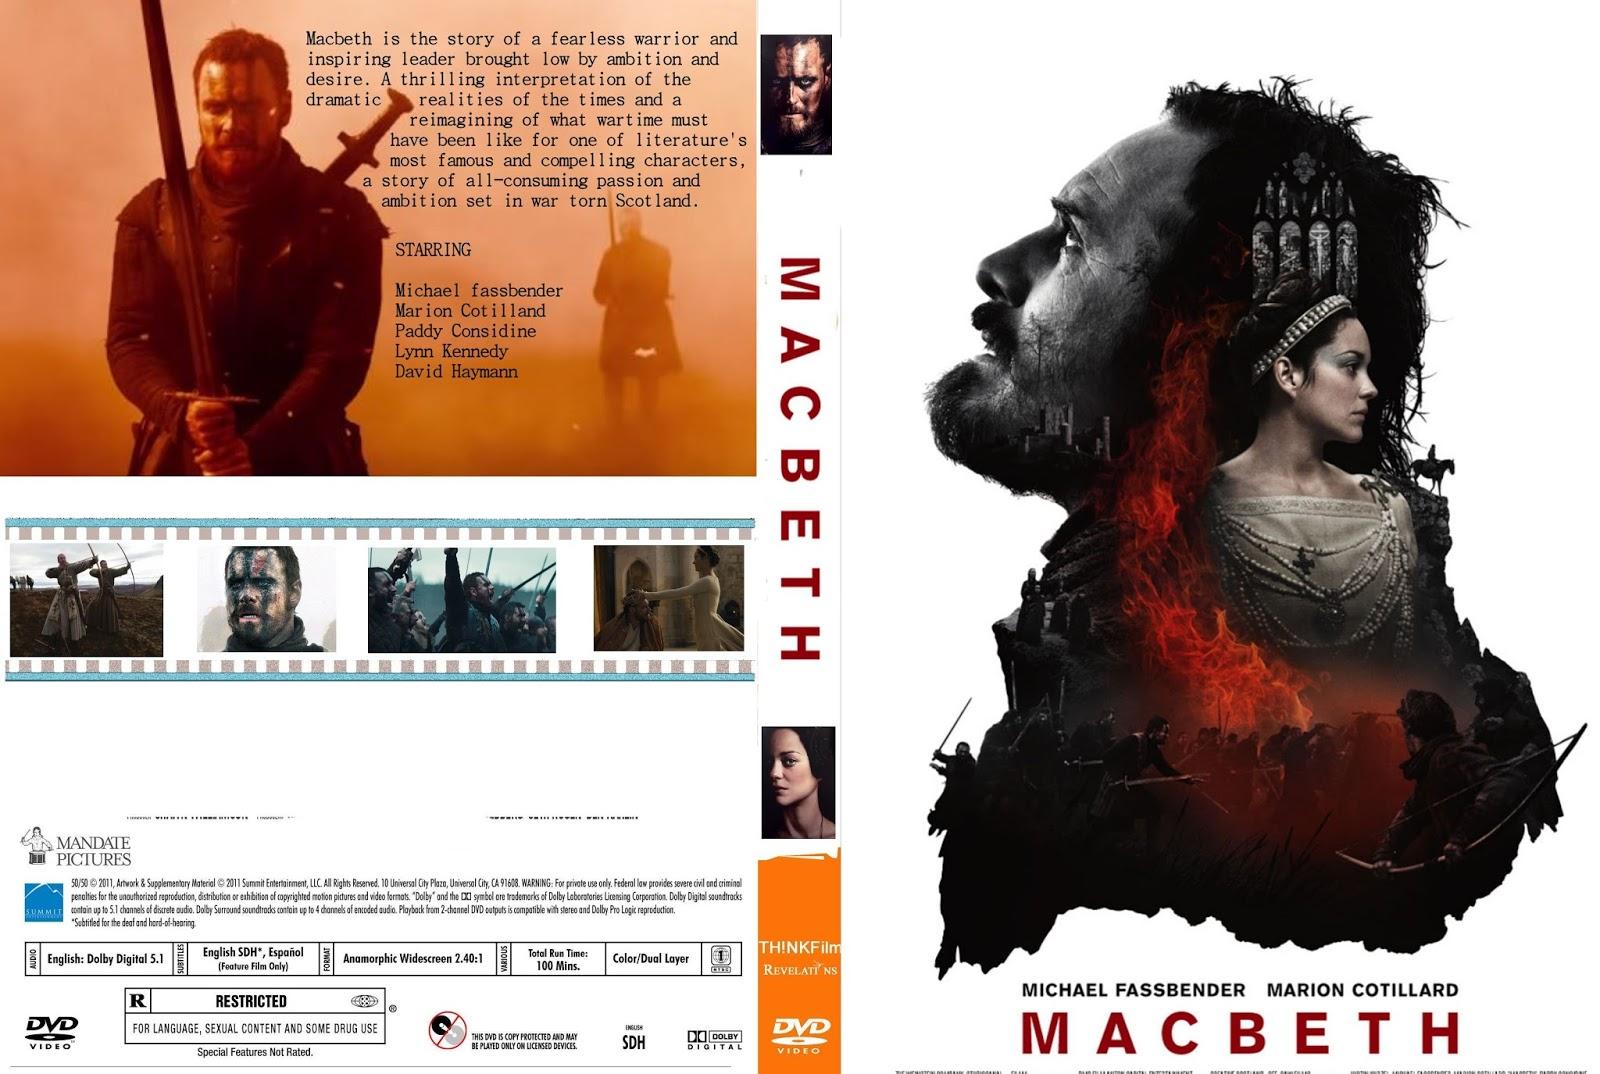 Macbeth Ambição e Guerra DVD-R Macbeth 2BAmbi 25C3 25A7 25C3 25A3o 2Be 2BGuerra 2BDVD R 2B  2BXANDAODOWNLOAD